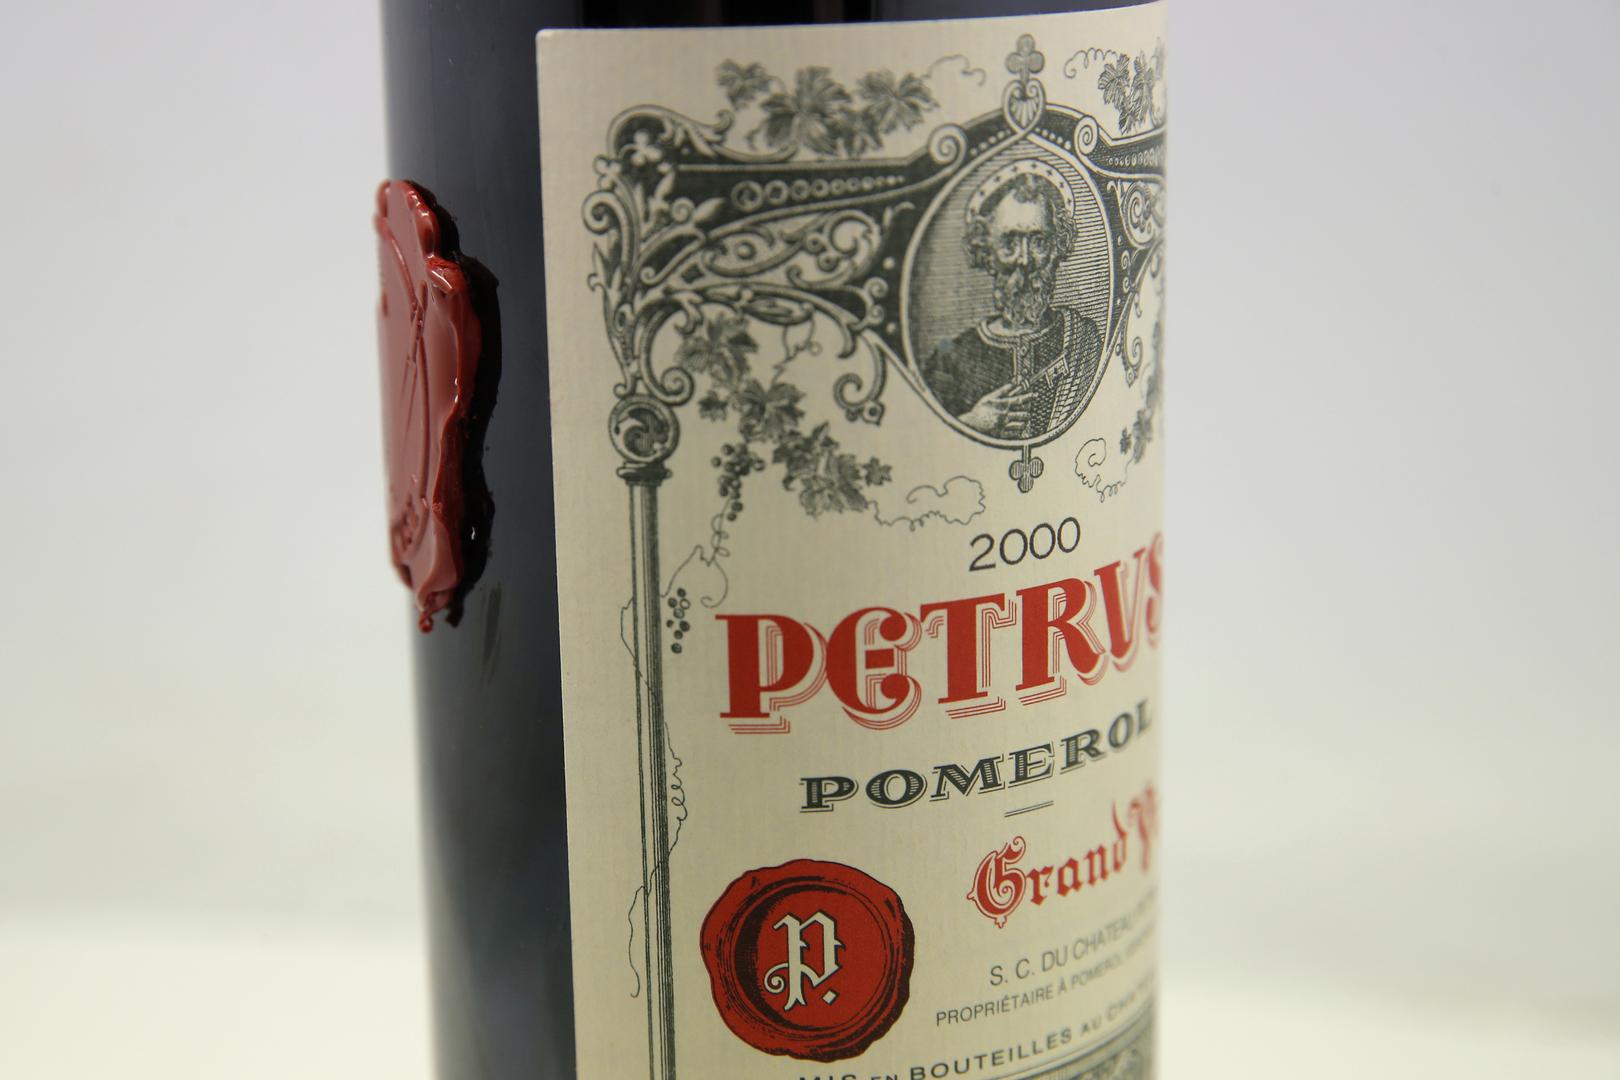 من خارج هذا العالم.. عرض زجاجة نبيذ عادت من الفضاء بنحو مليون دولار